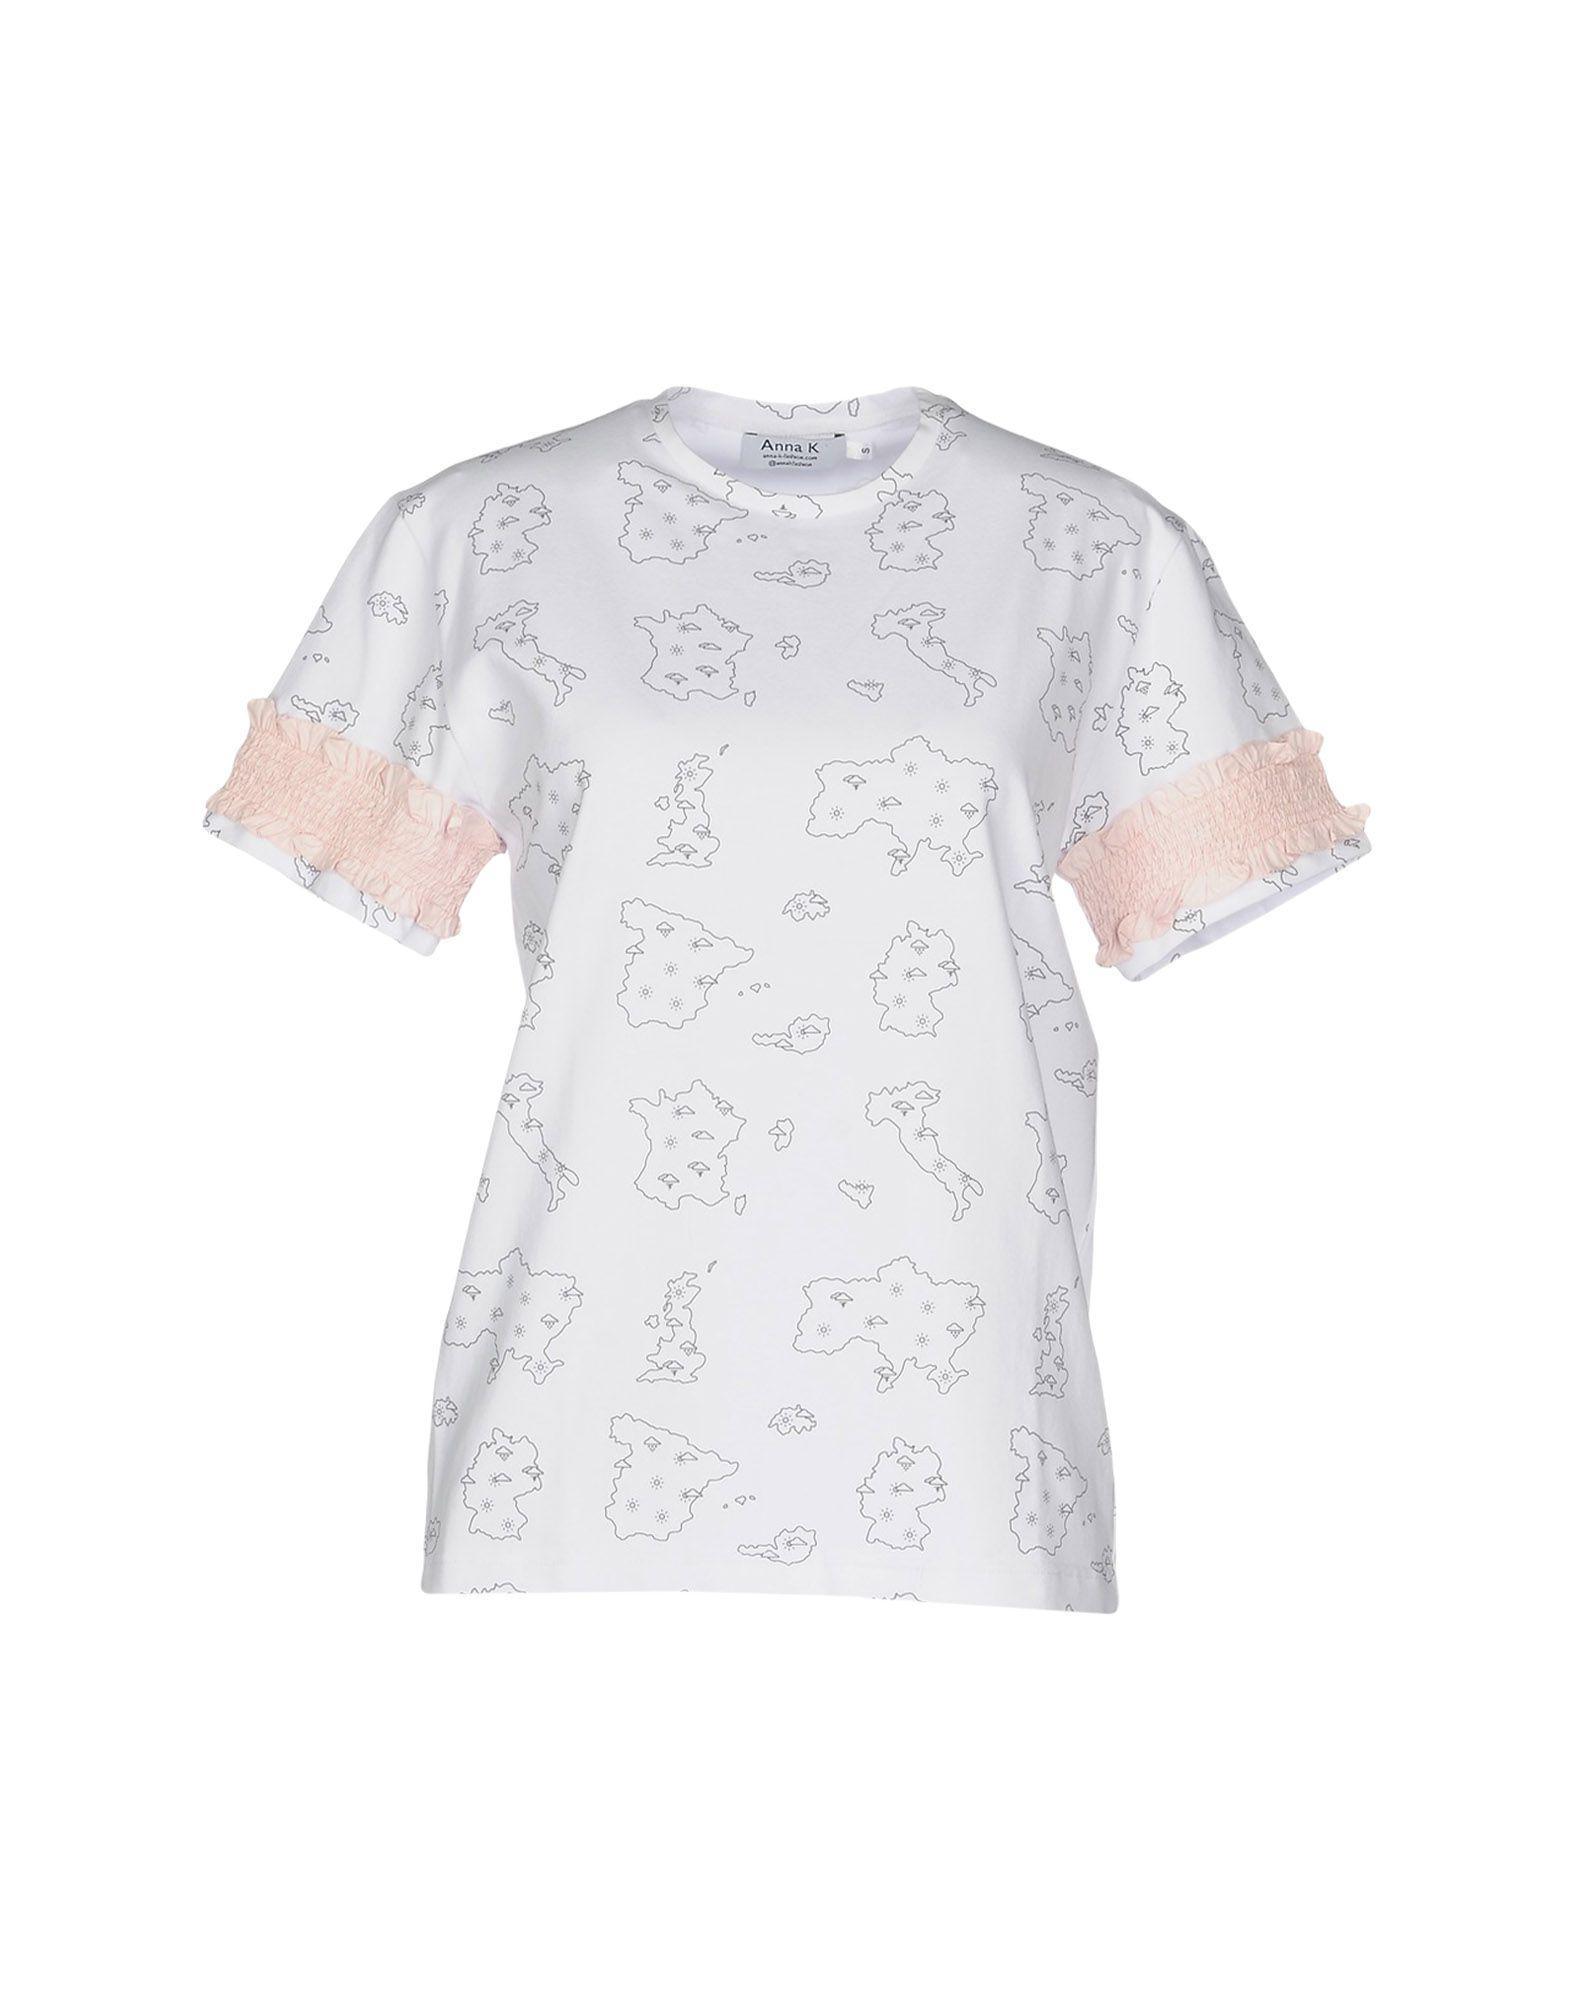 Anna K T-shirt In White